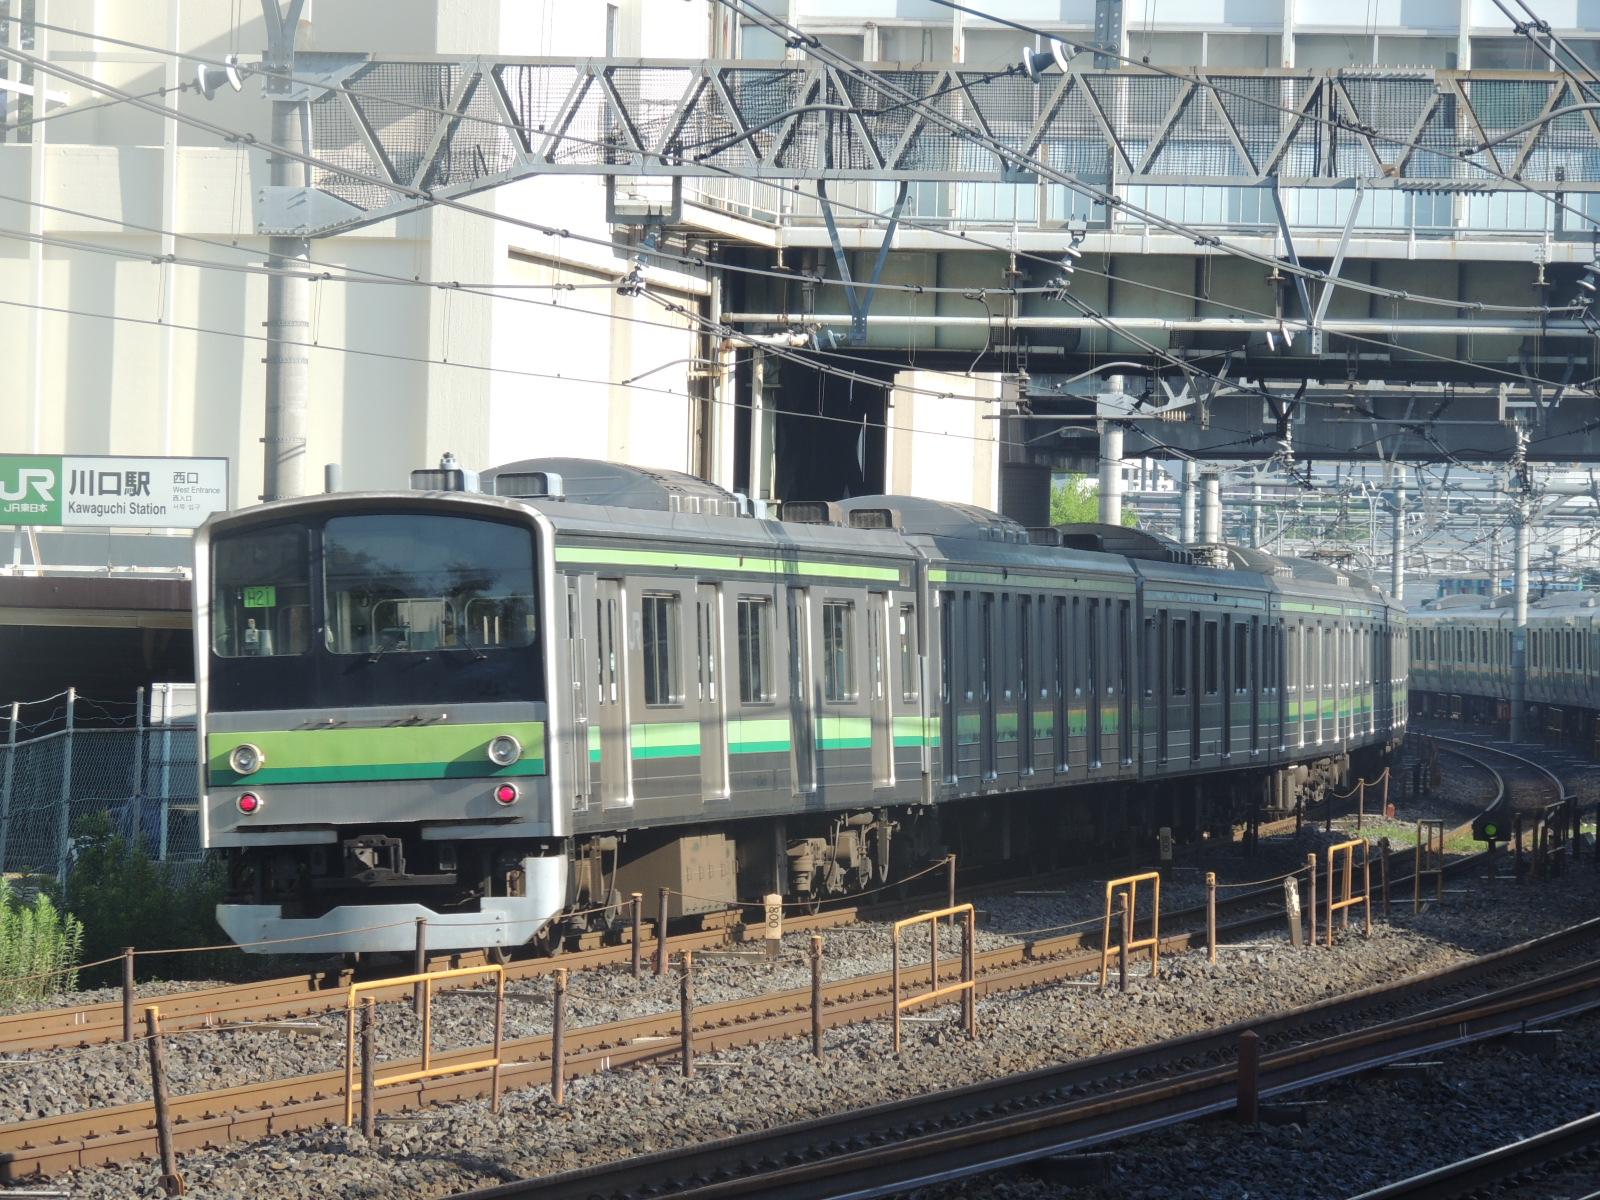 DSCN8420.jpg